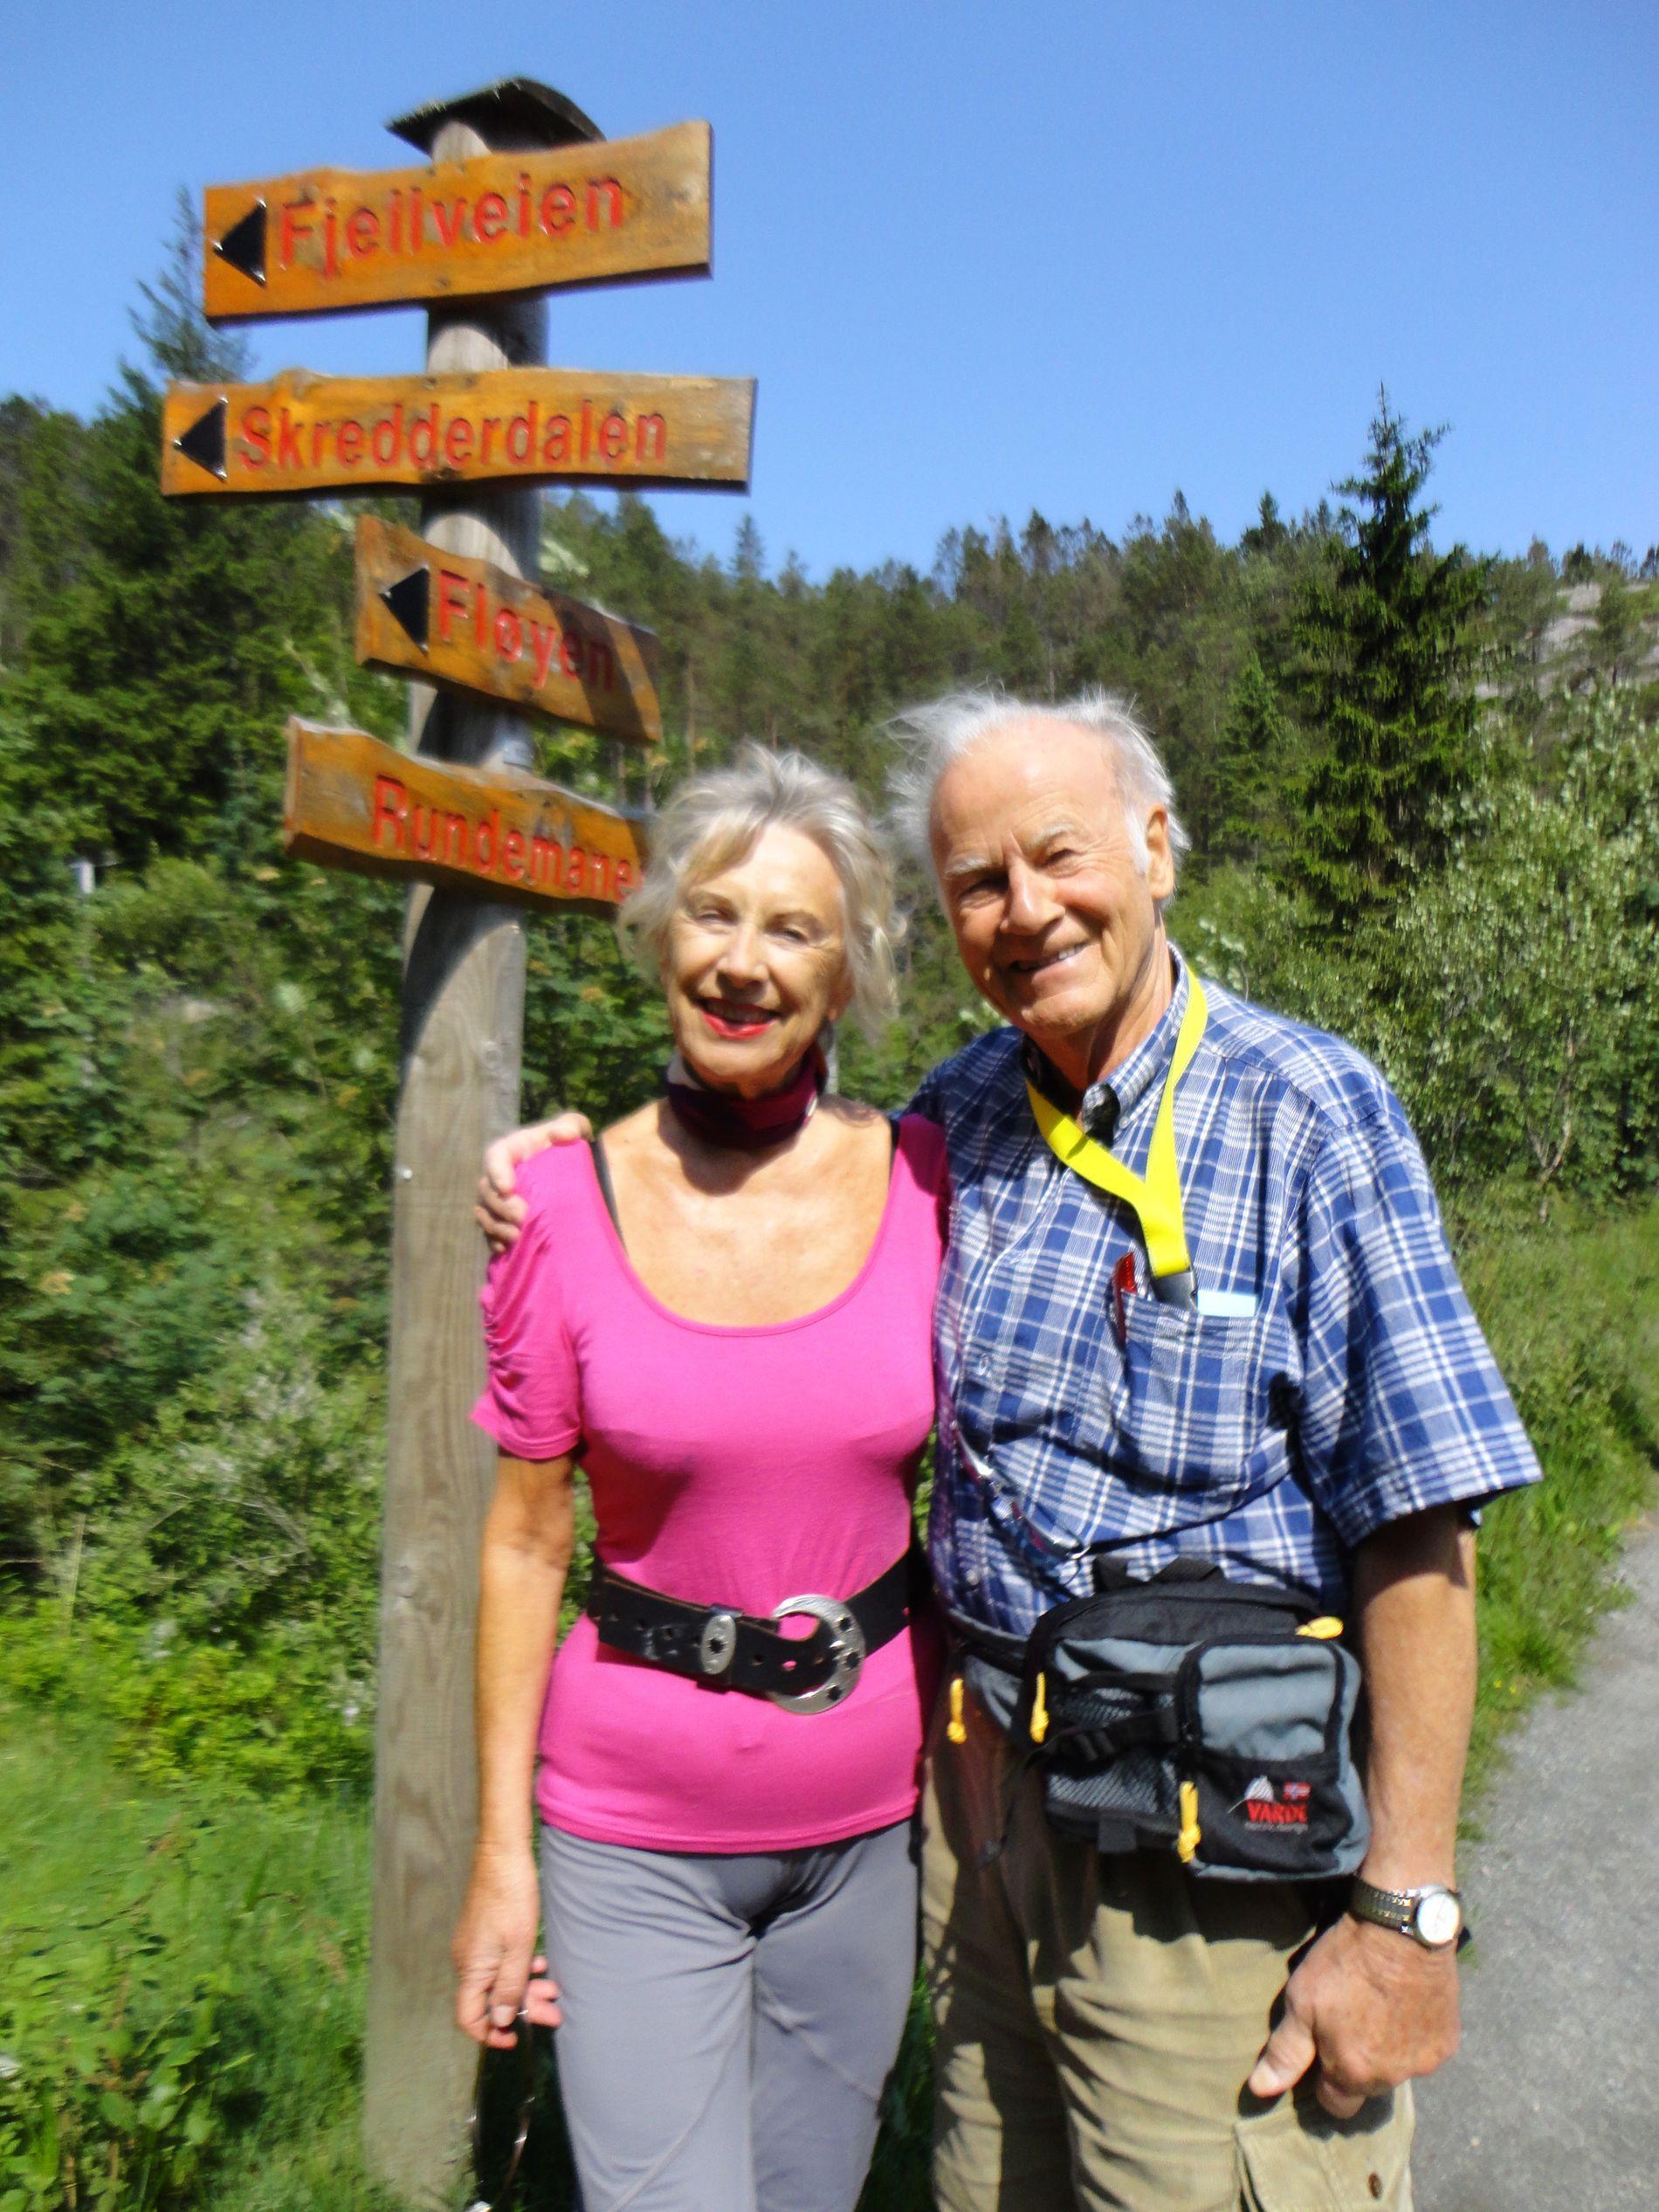 Randi S. og Svein Raaen på Fløyen.